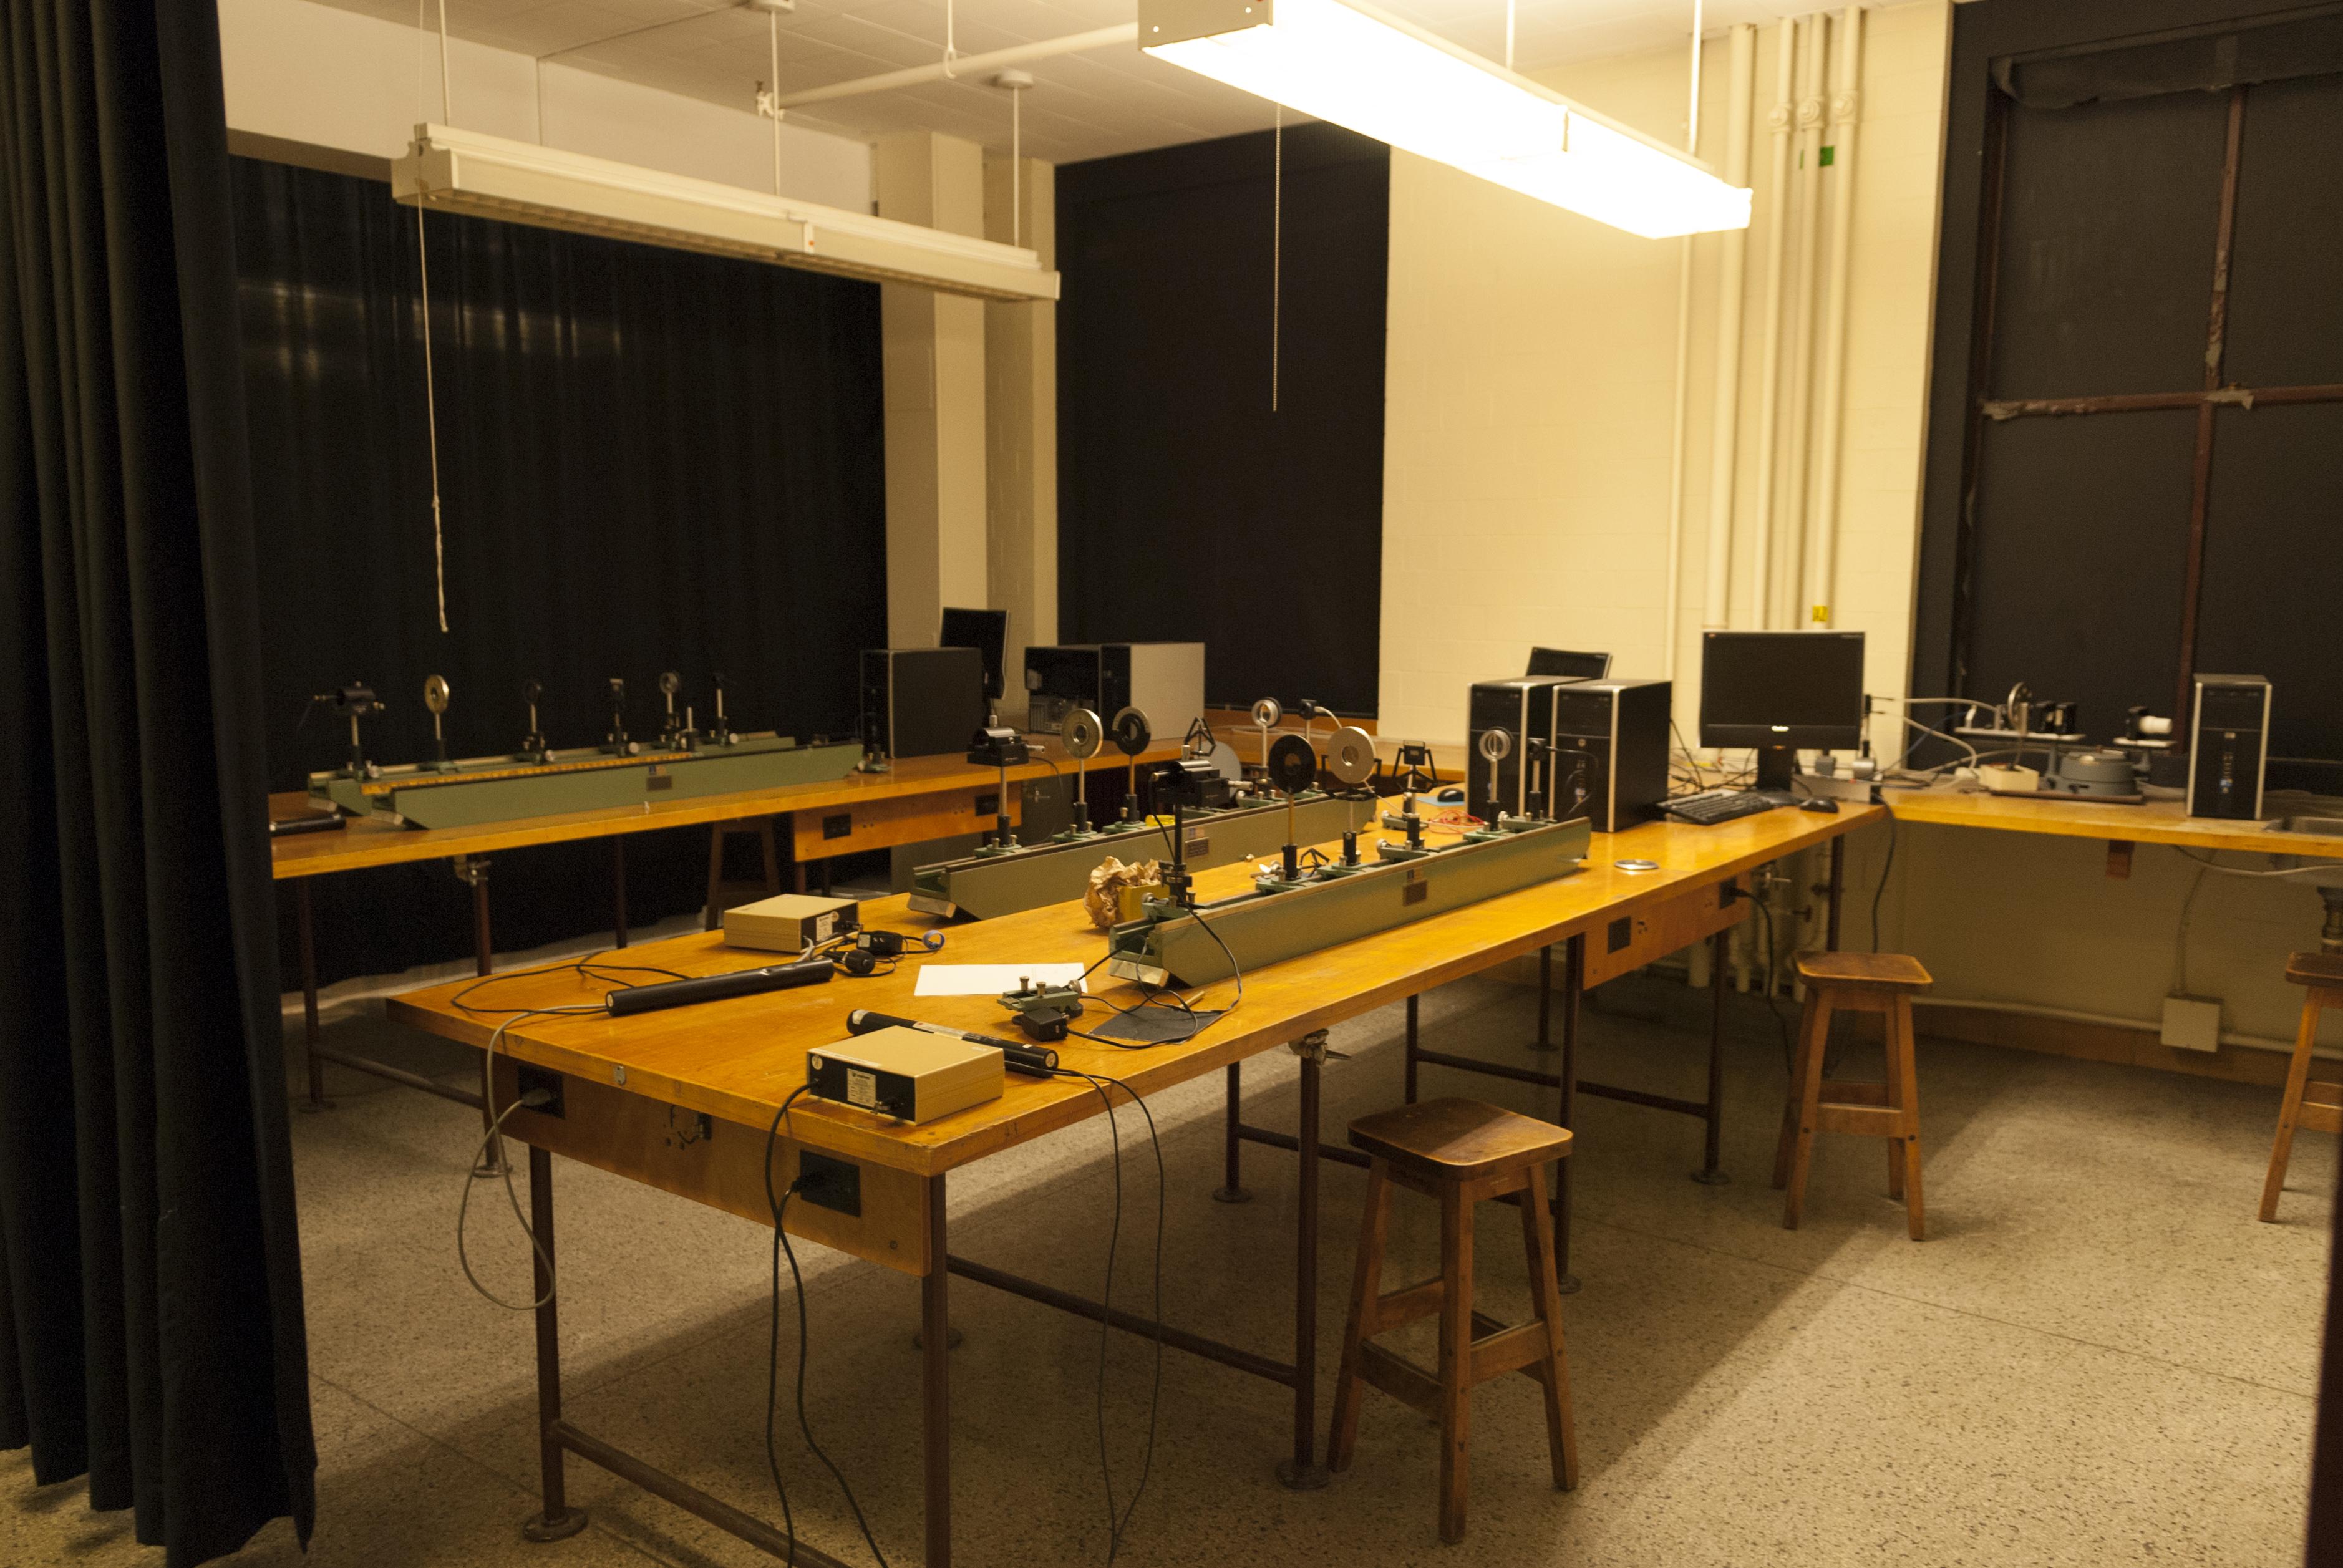 L'arrière-scène des laboratoires et salles de cours du département de physique